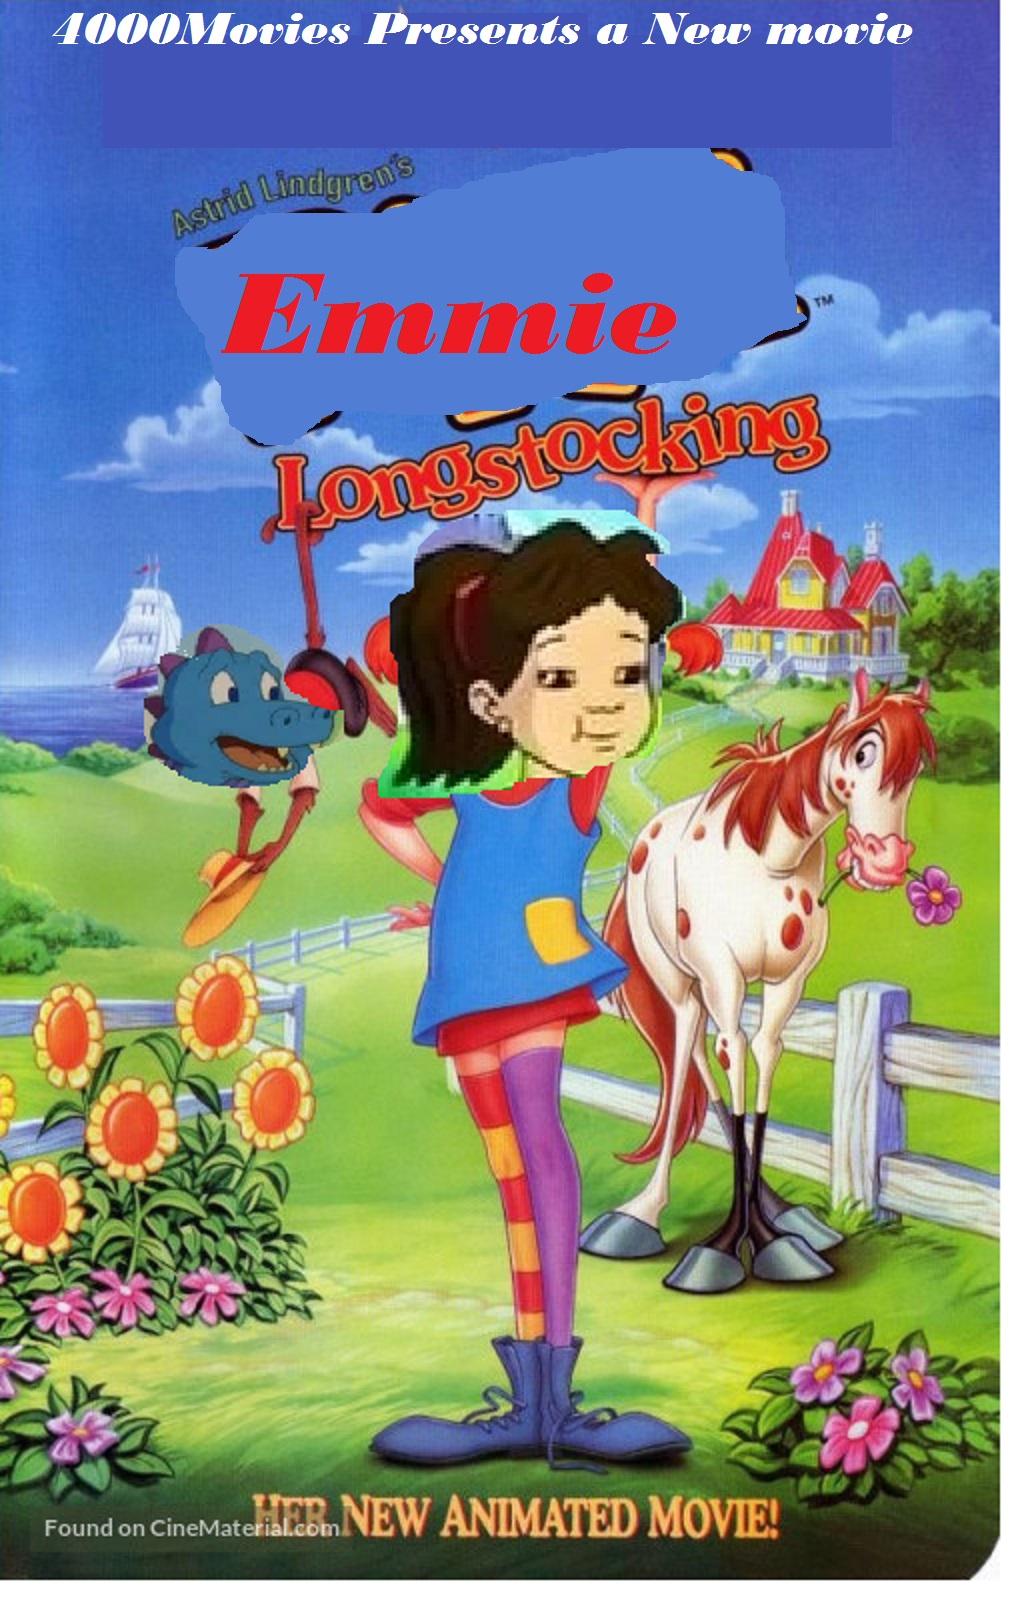 Emmy (Pippi Longstocking)